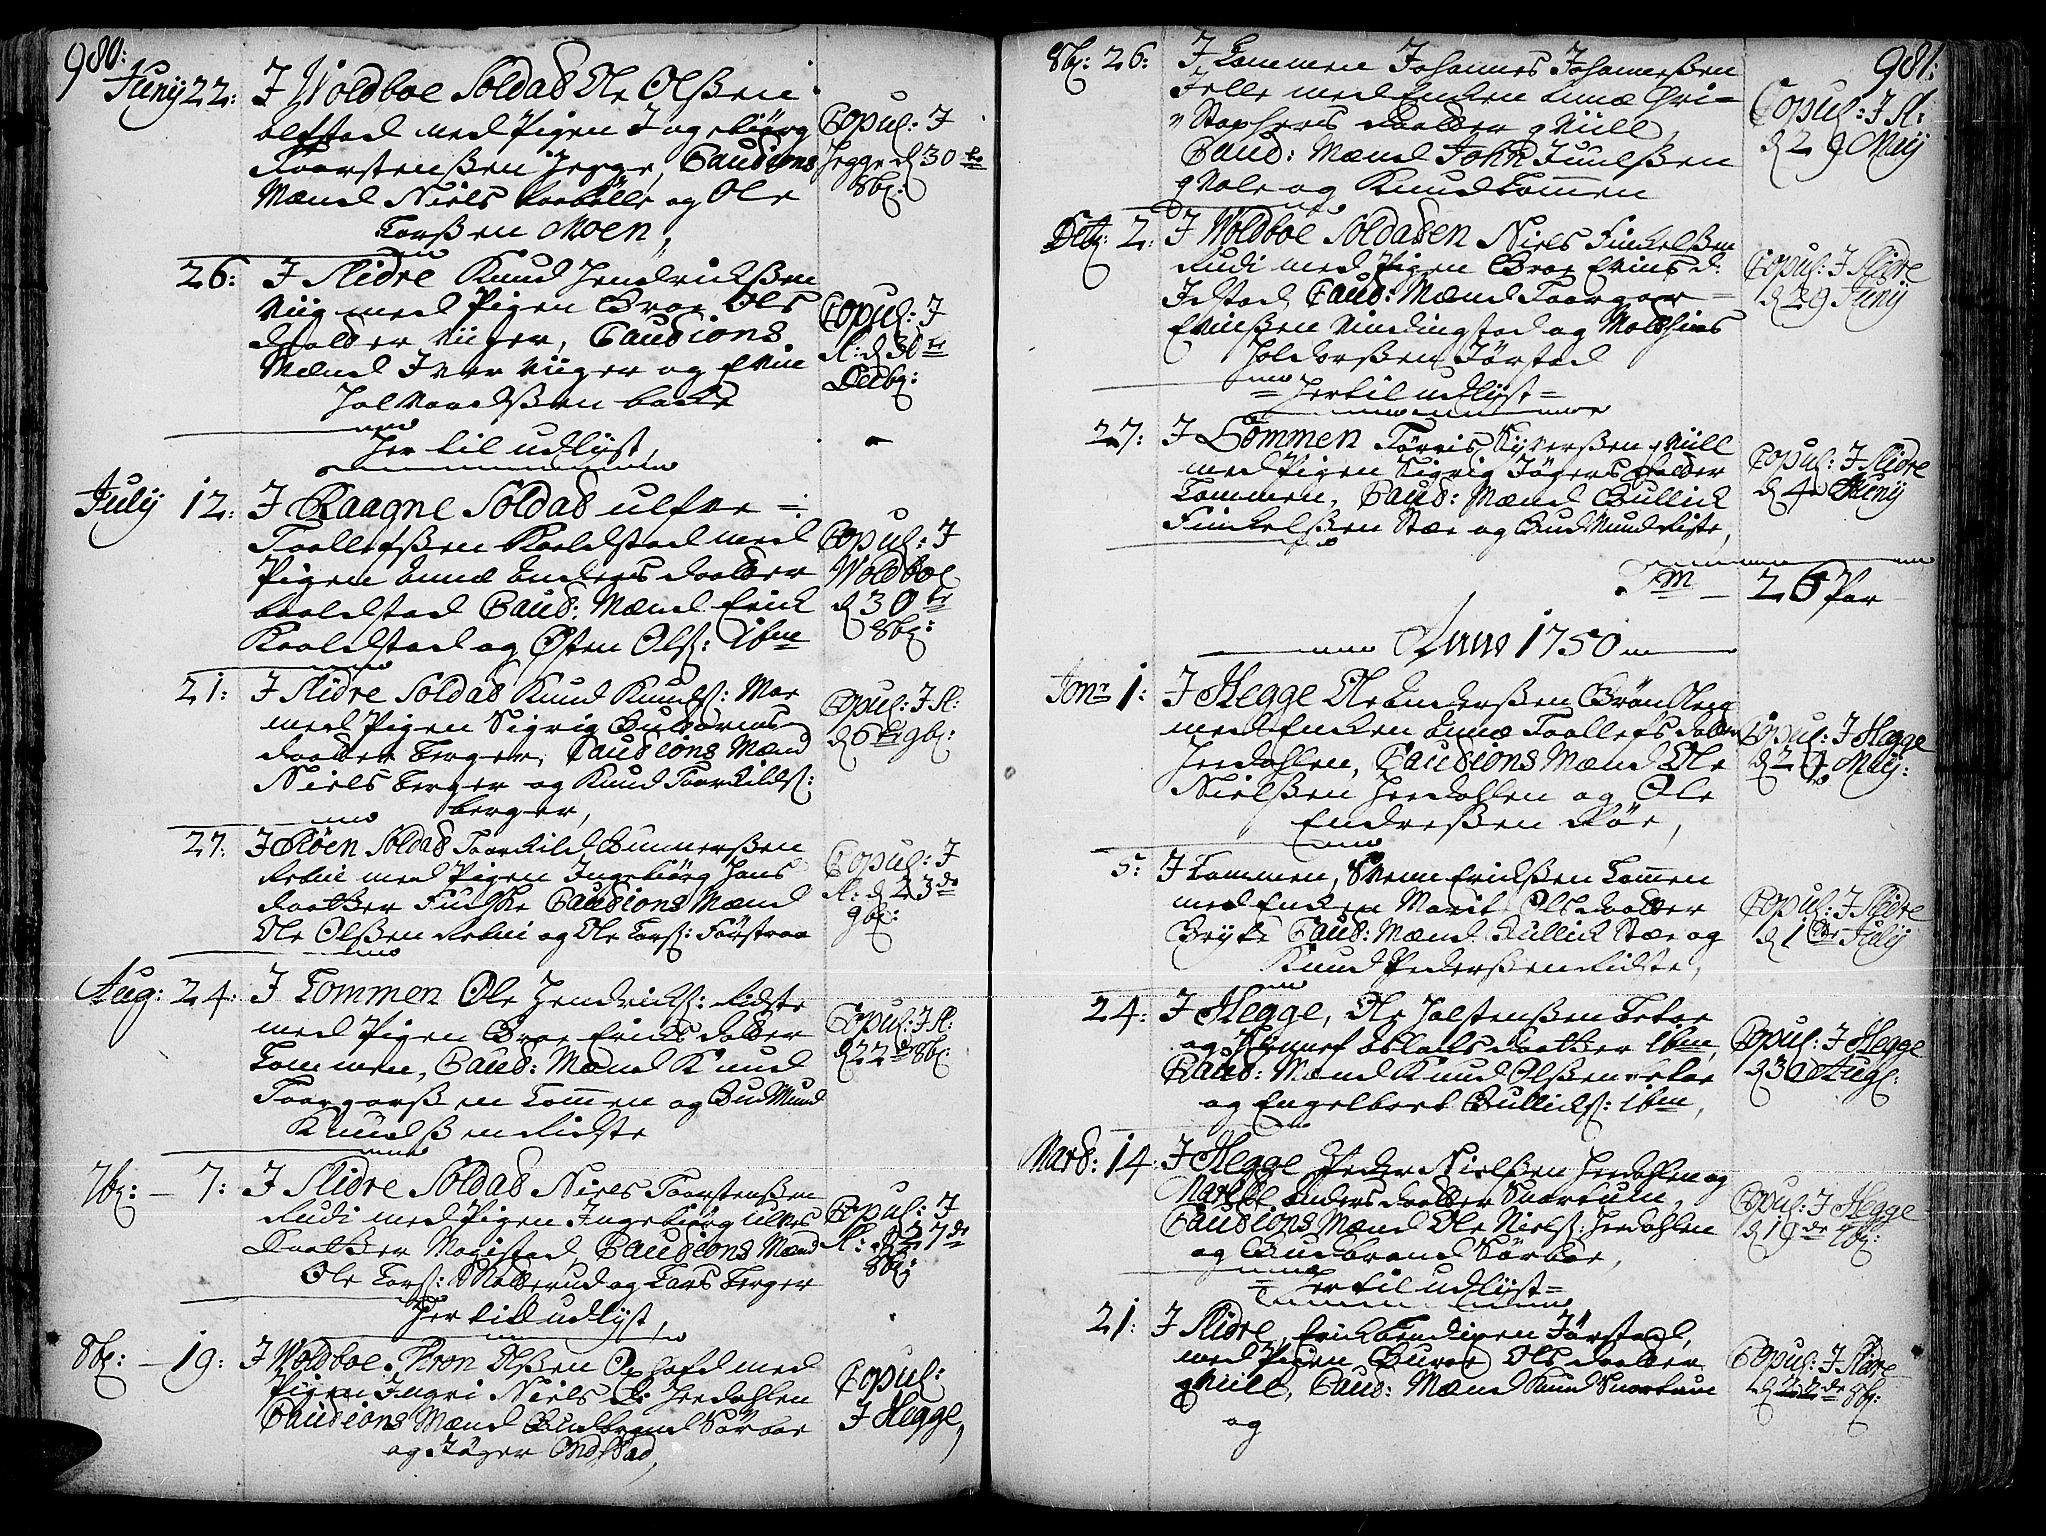 SAH, Slidre prestekontor, Ministerialbok nr. 1, 1724-1814, s. 980-981